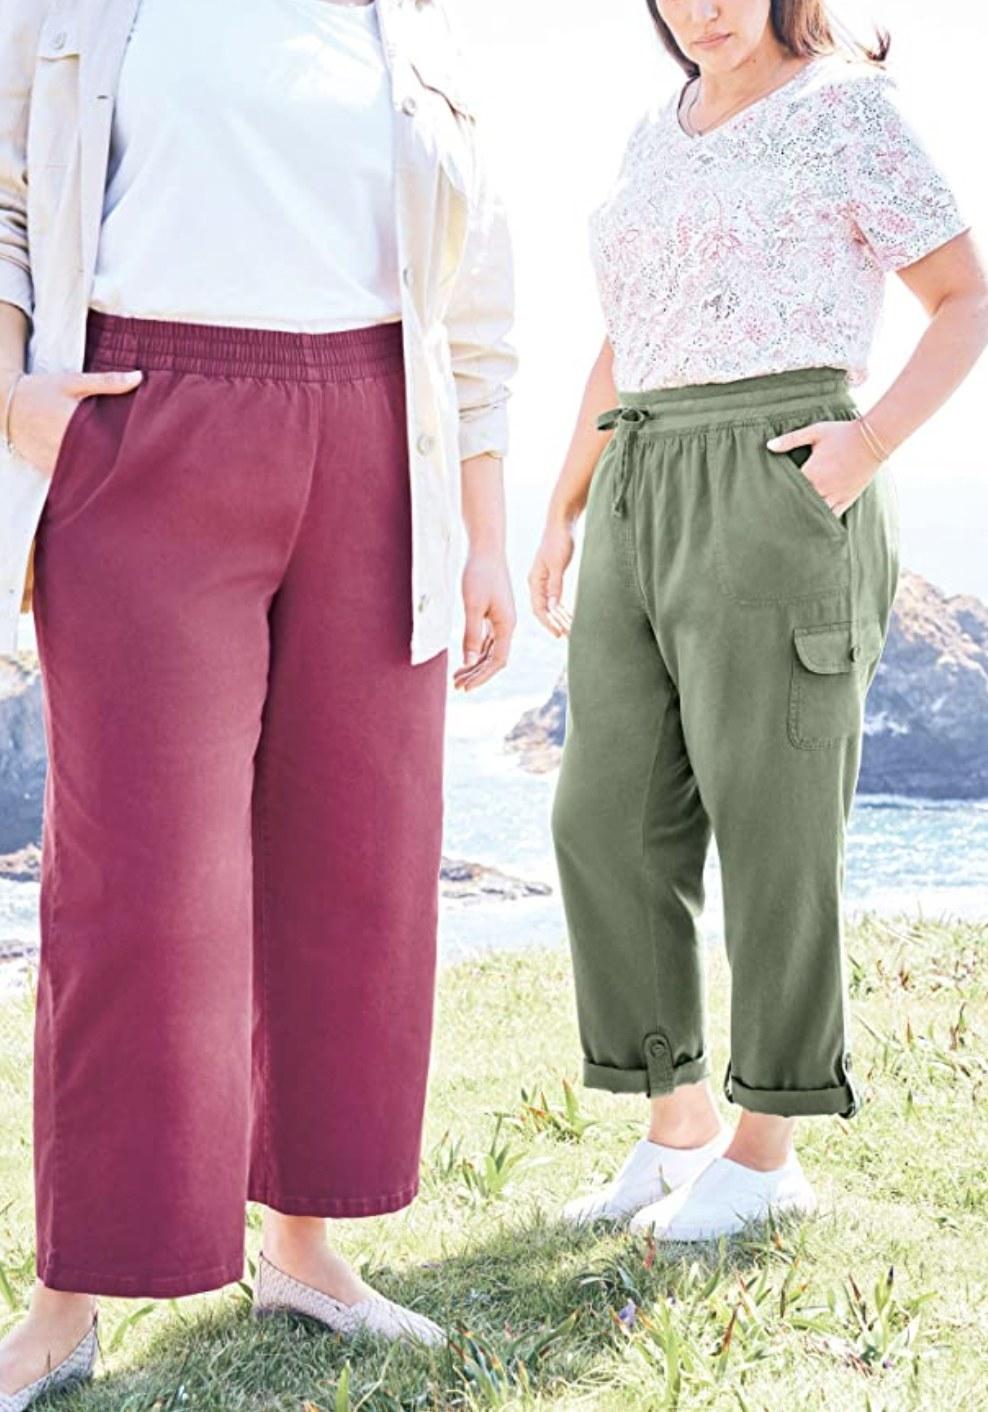 two models wearing drawstring cargo pants